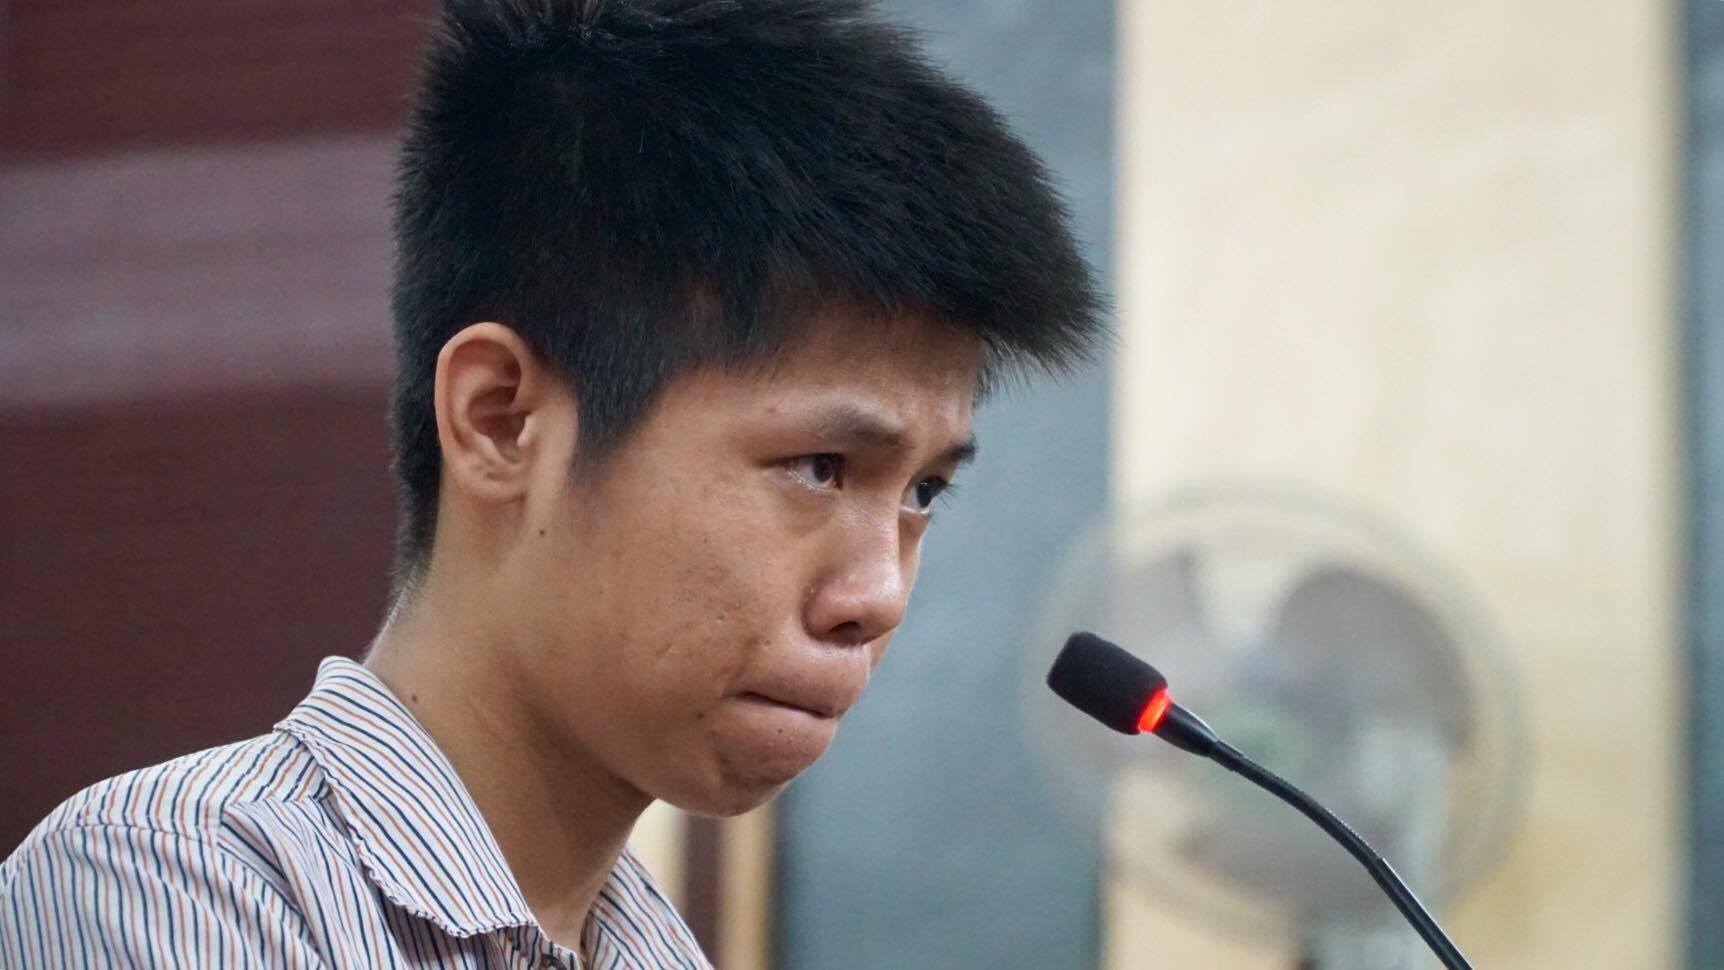 thảm sát,giết người ở sài gòn,Nguyễn Hữu Tình,giết người